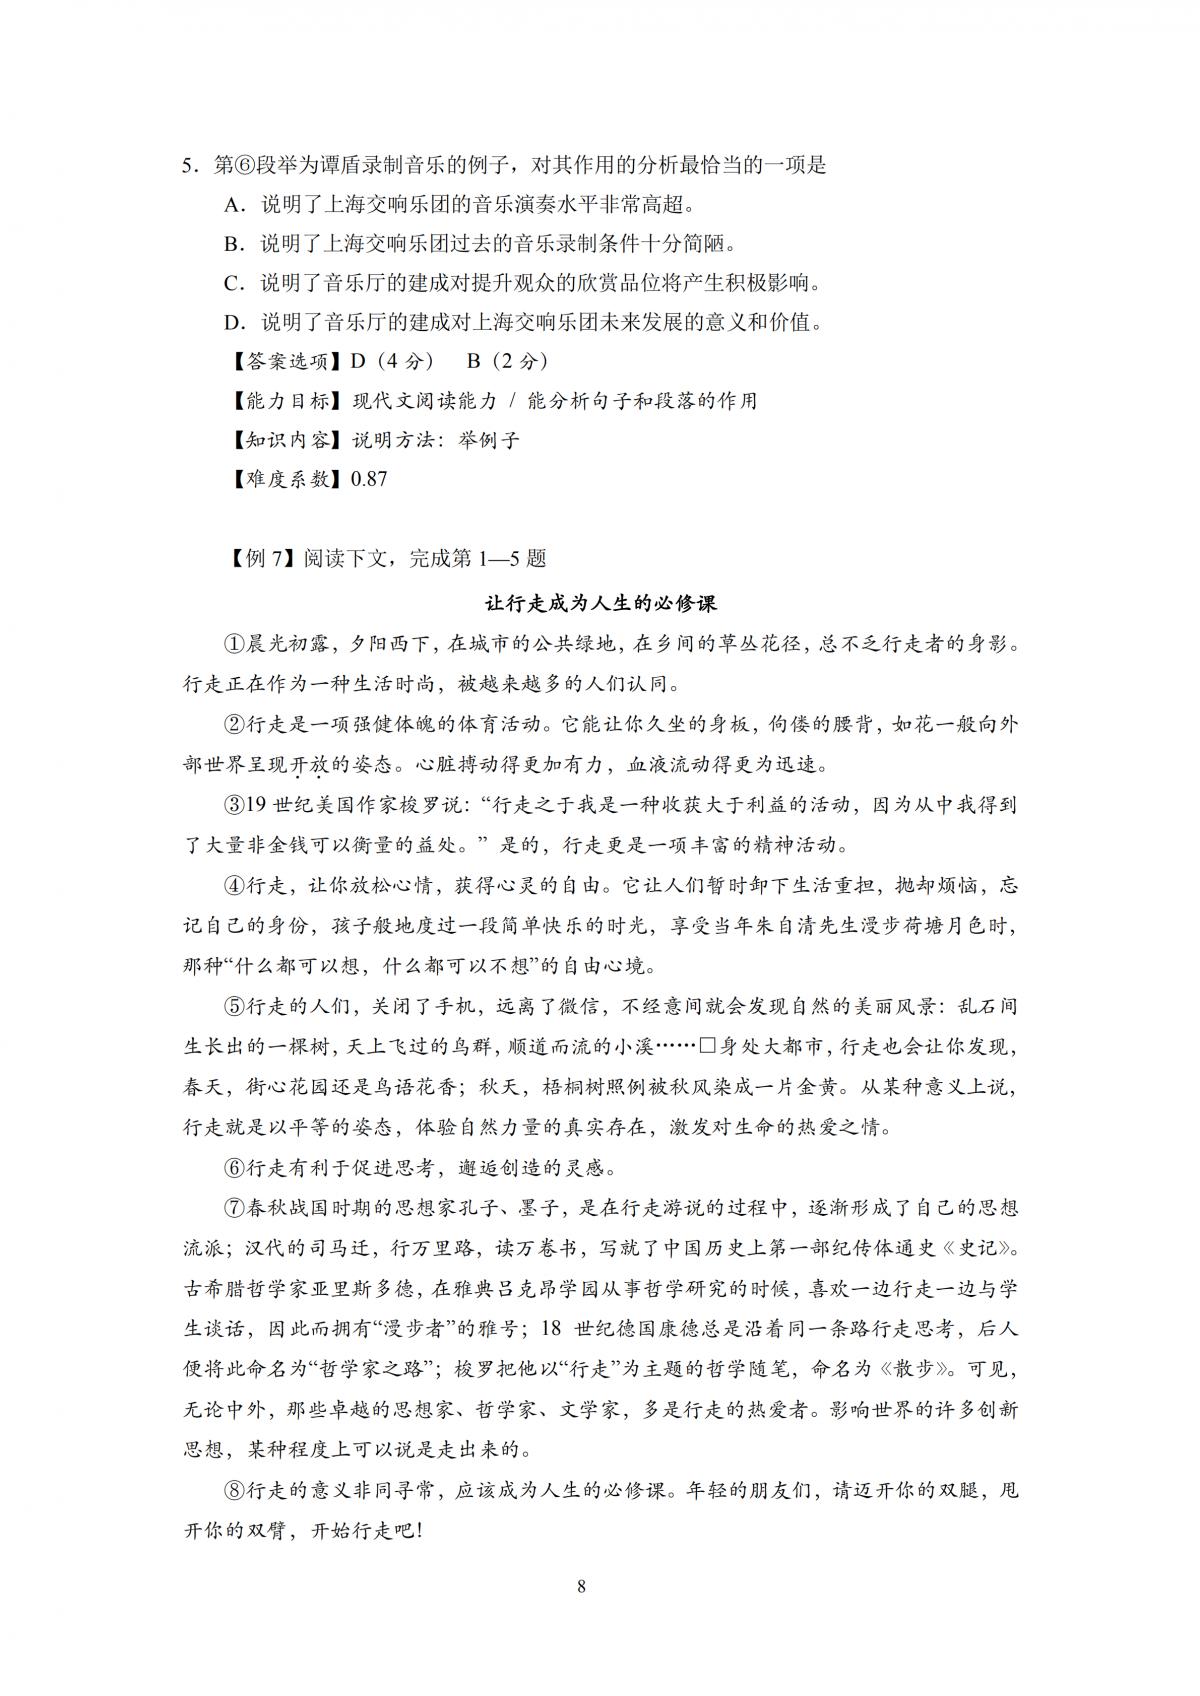 2020年上海市初中语文课程终结性评价指南